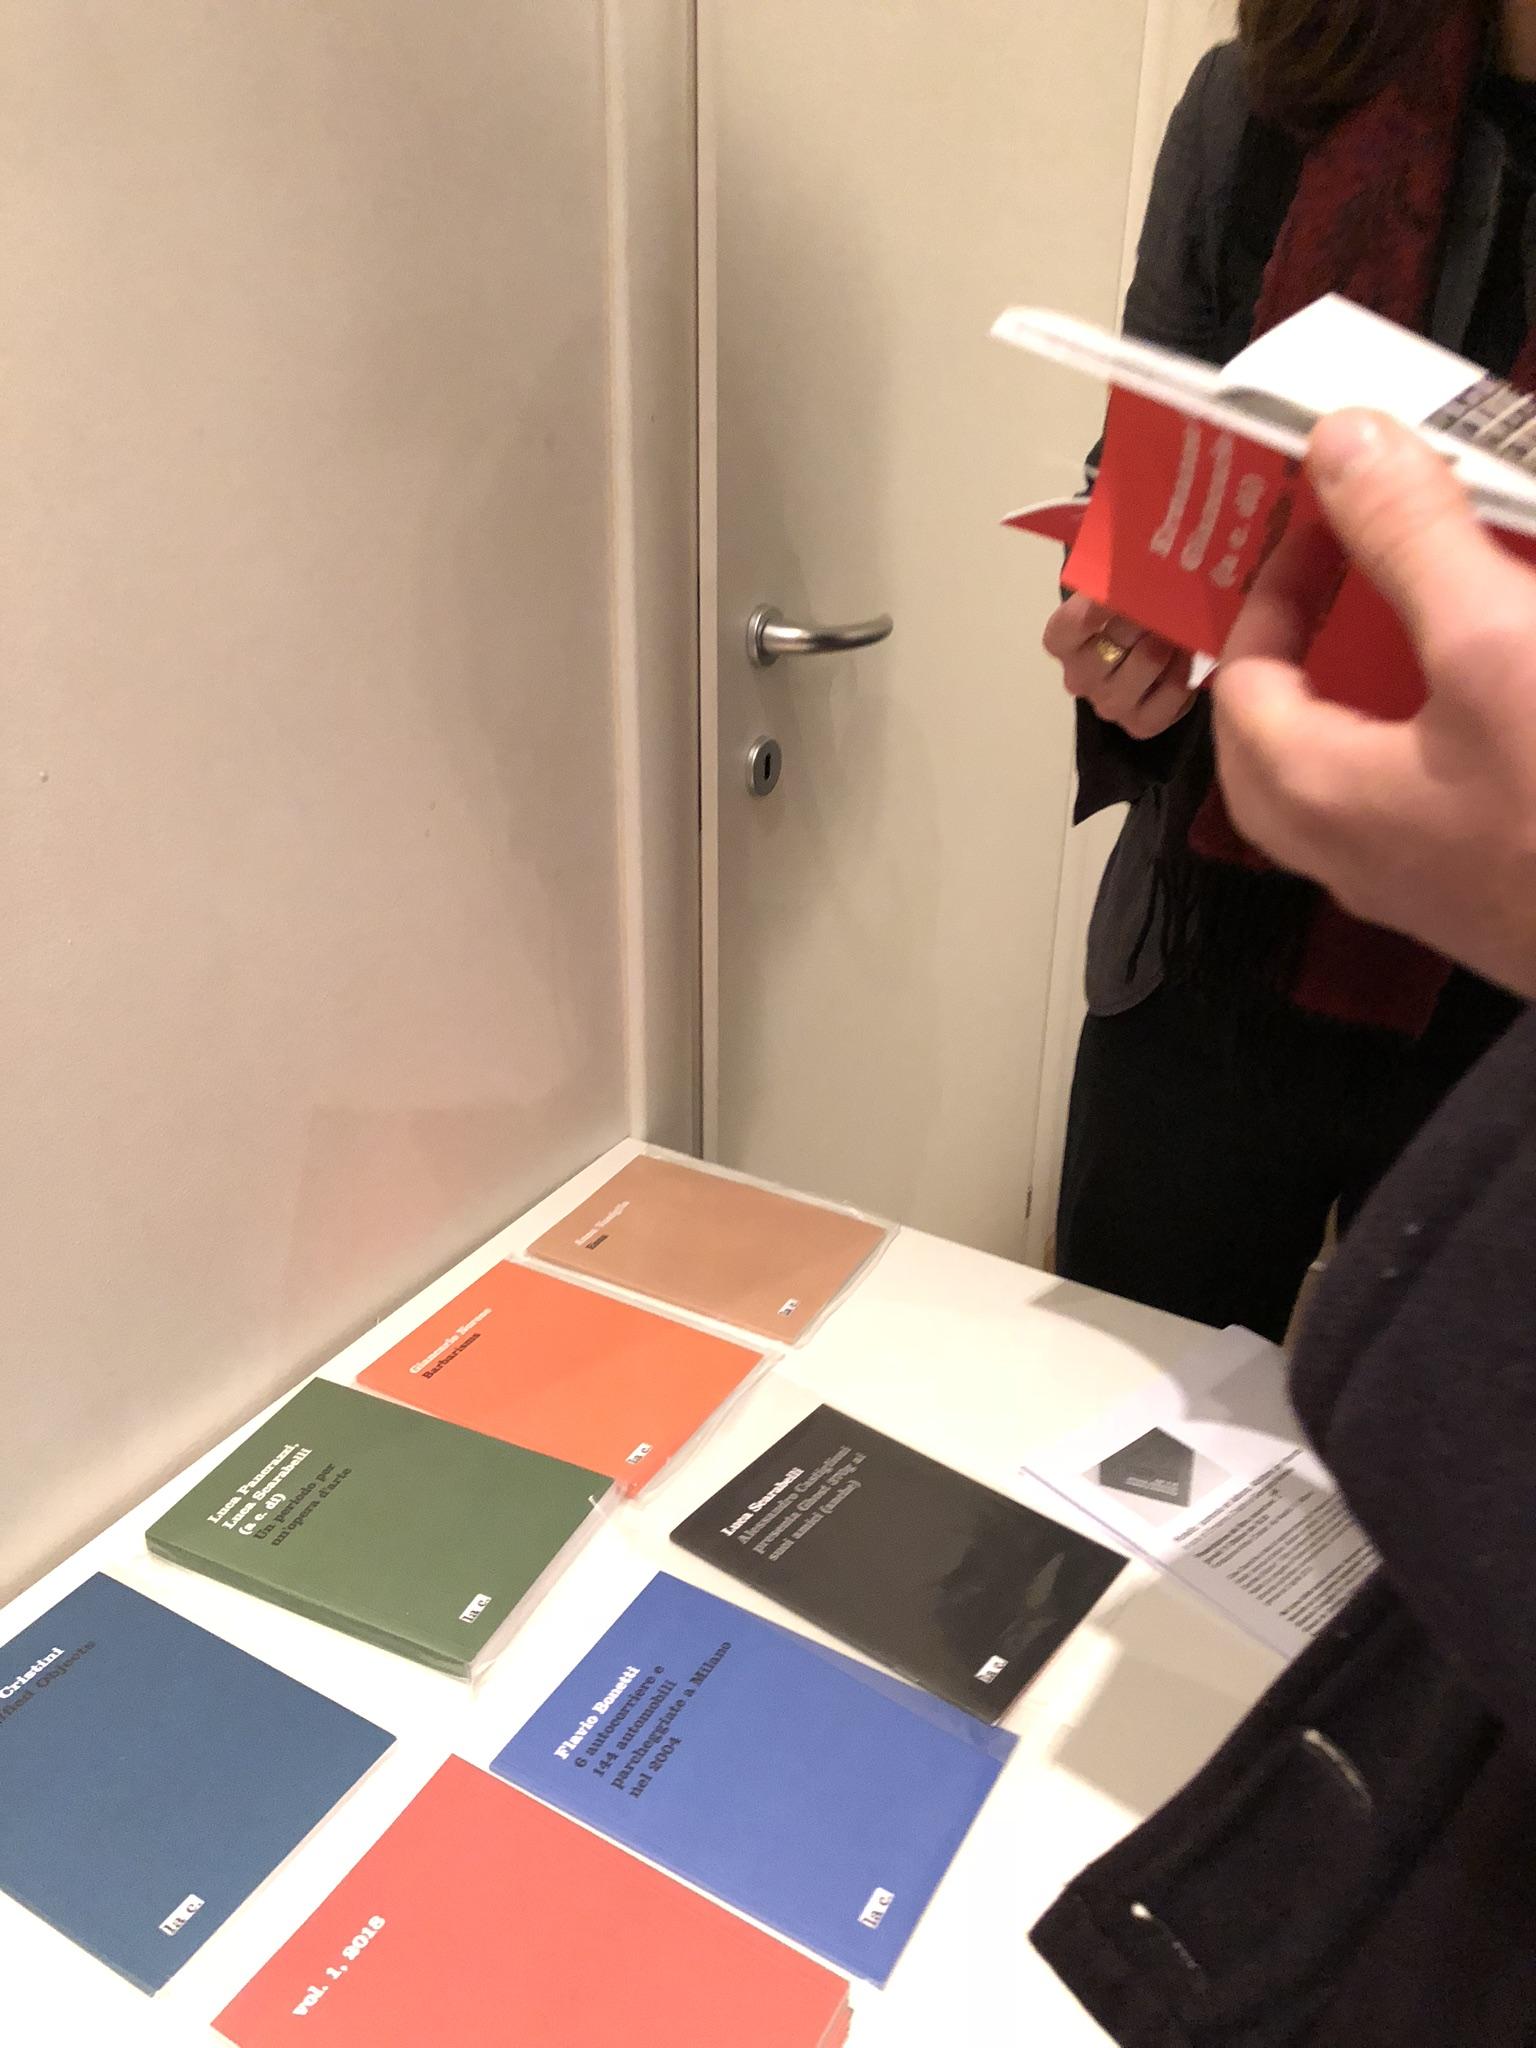 Hotello:-the book6 a cura di Ermanno Cristini e Giancarlo Norese